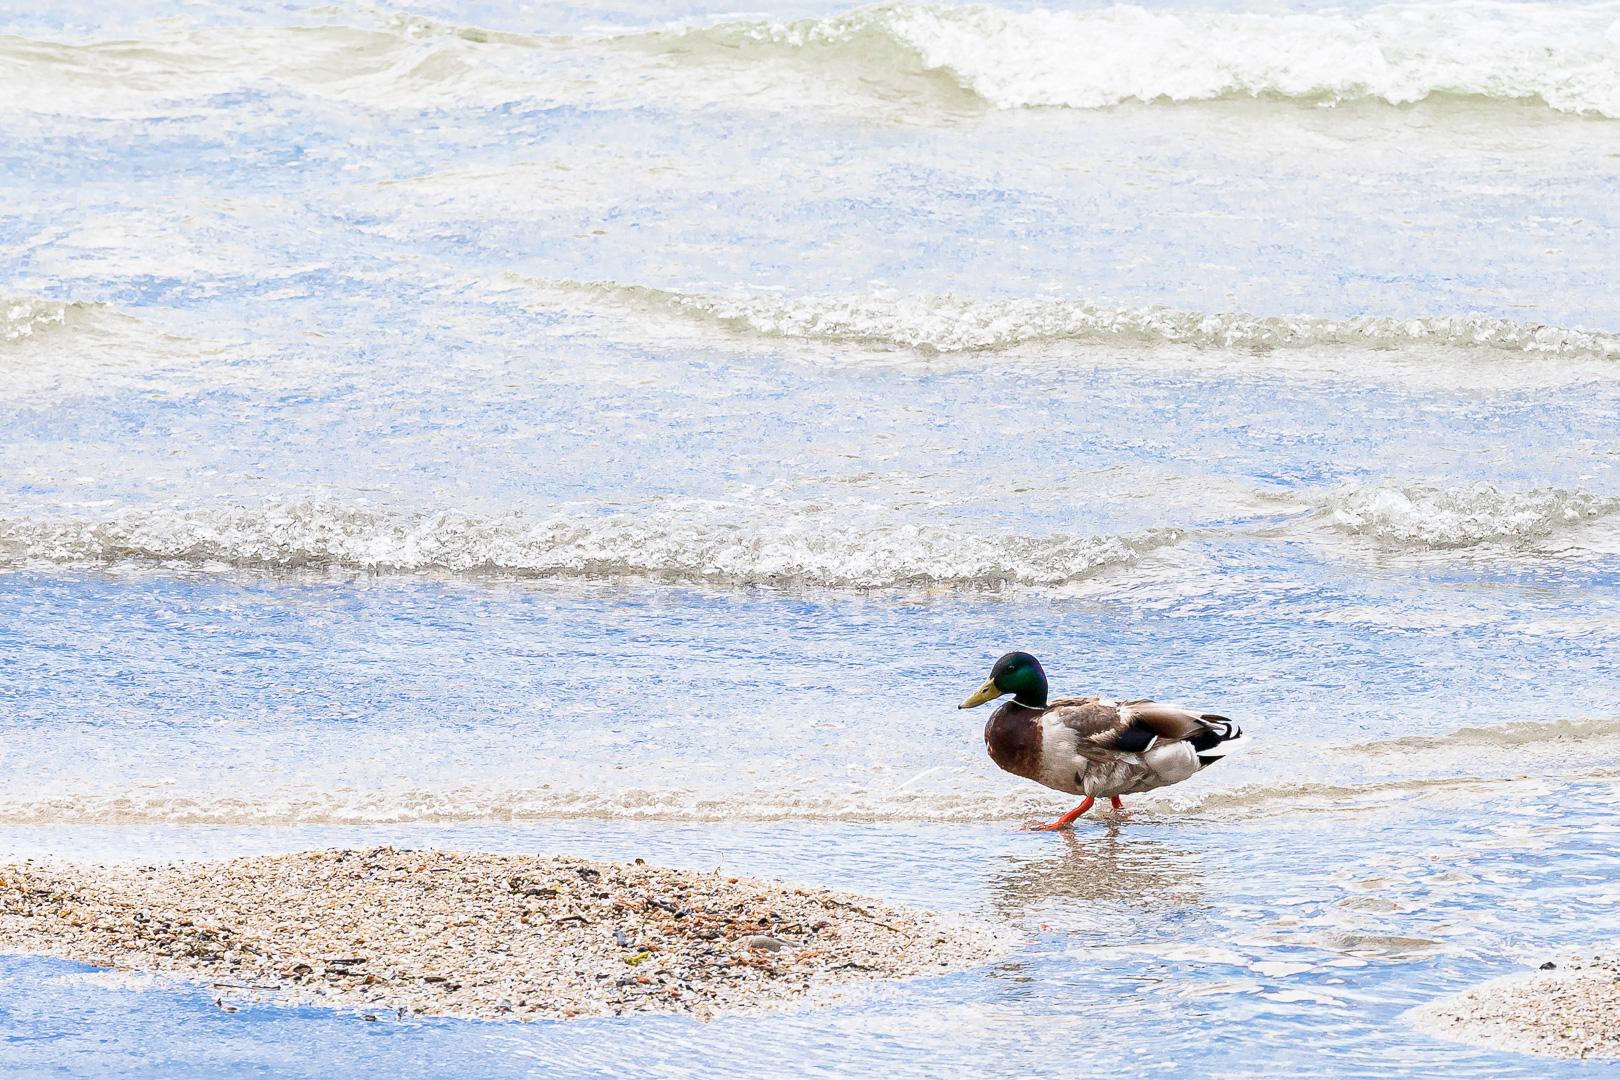 Wasser für die Enten - Manfred Mall